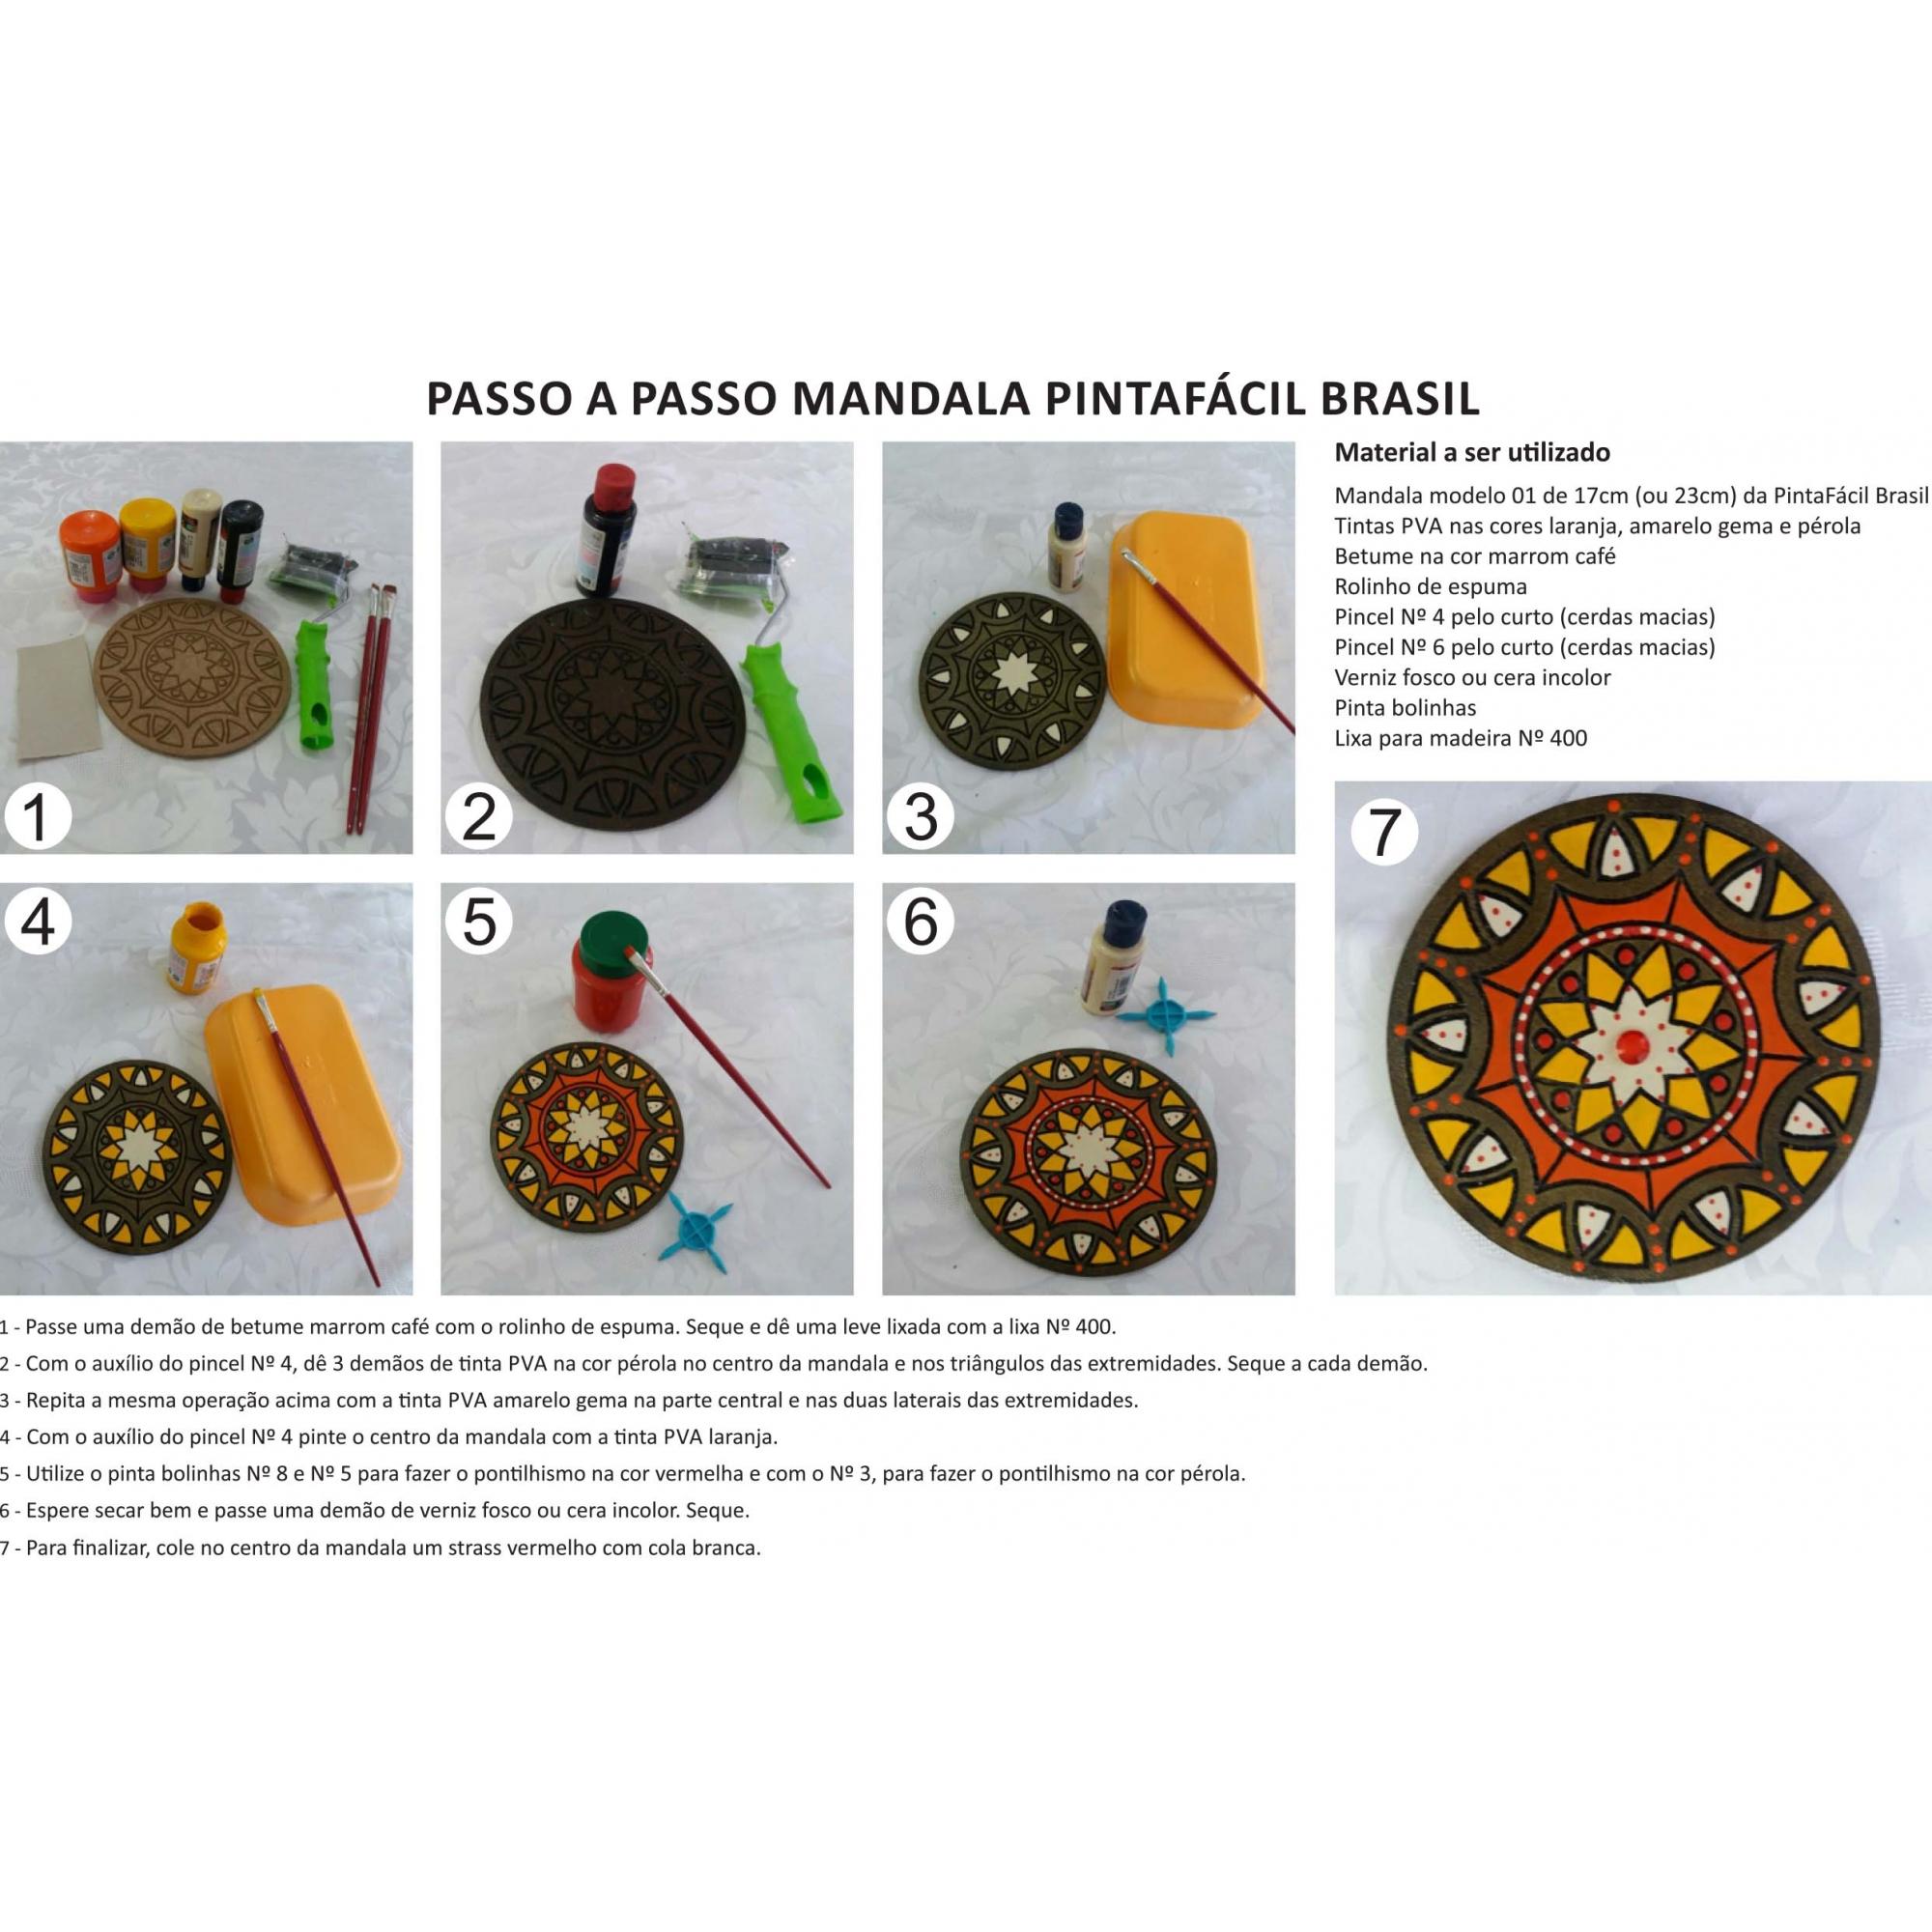 Kit 4 peças Mandala para Espelho Mdf Cru 33cm de Diâmetro para Pintar